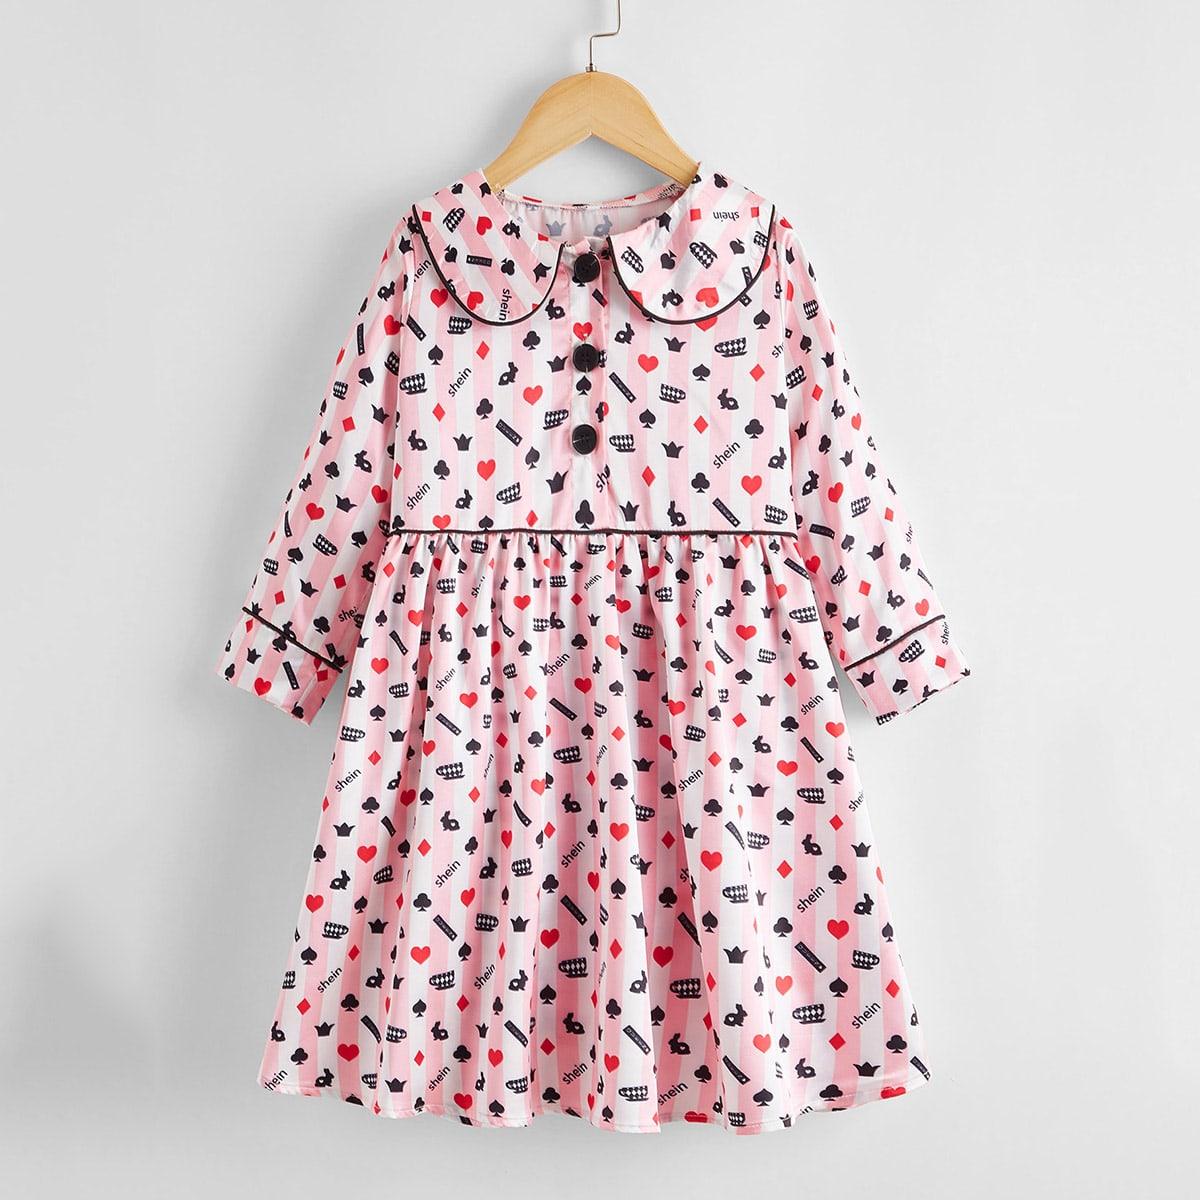 Атласная ночная рубашка с принтом для девочек